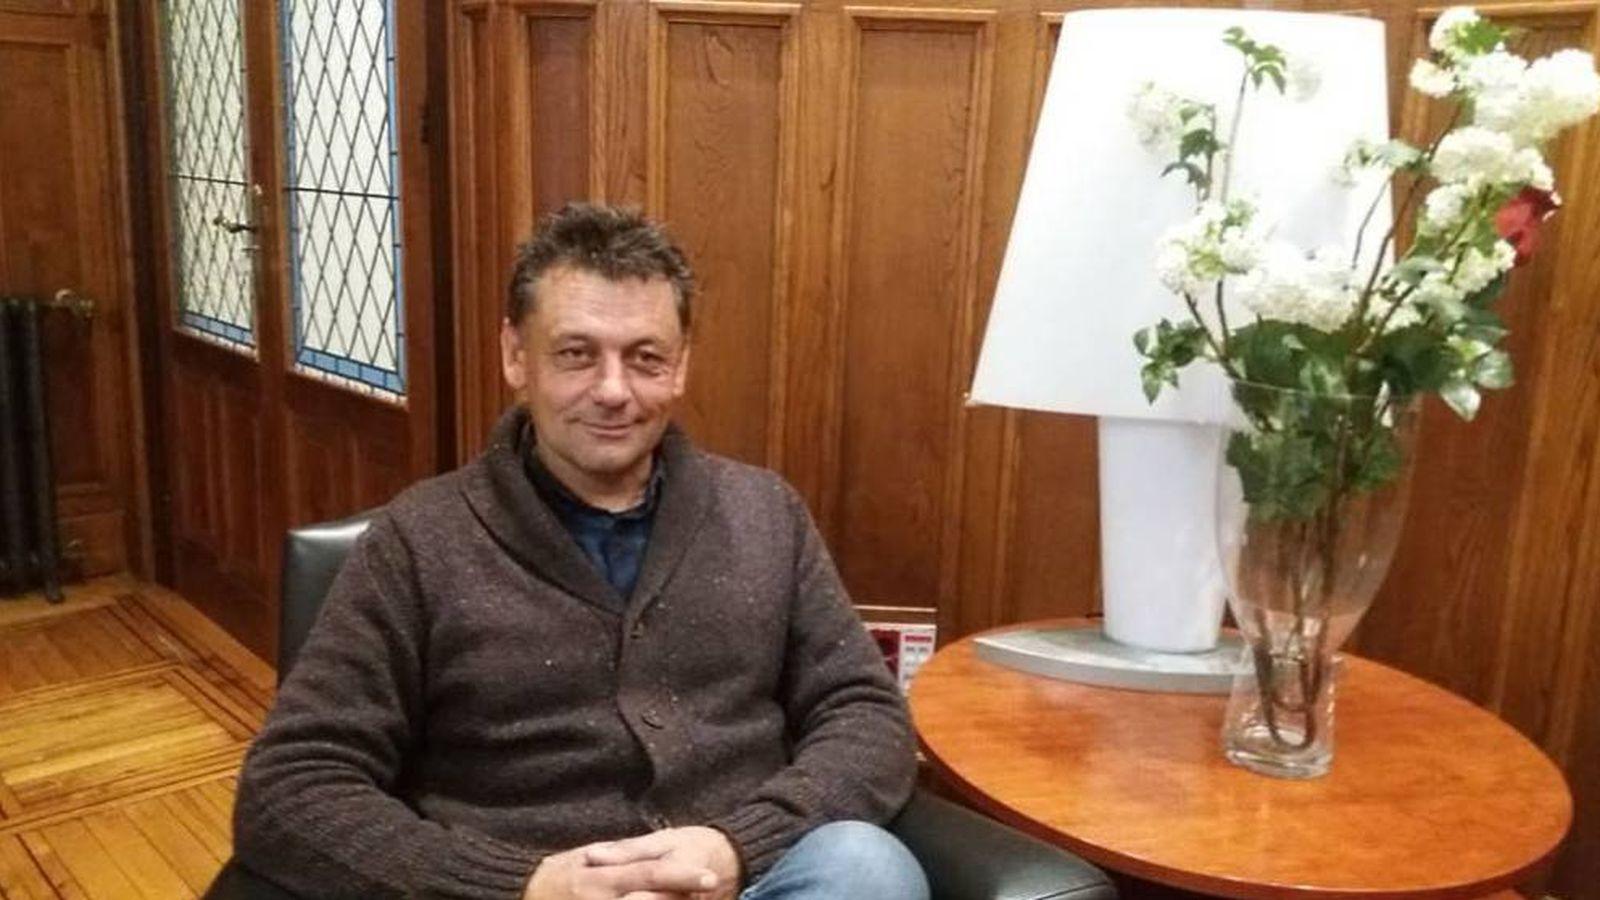 Foto: Javier Ardines, el concejal de IU fallecido. (Ayuntamiento de Llanes)